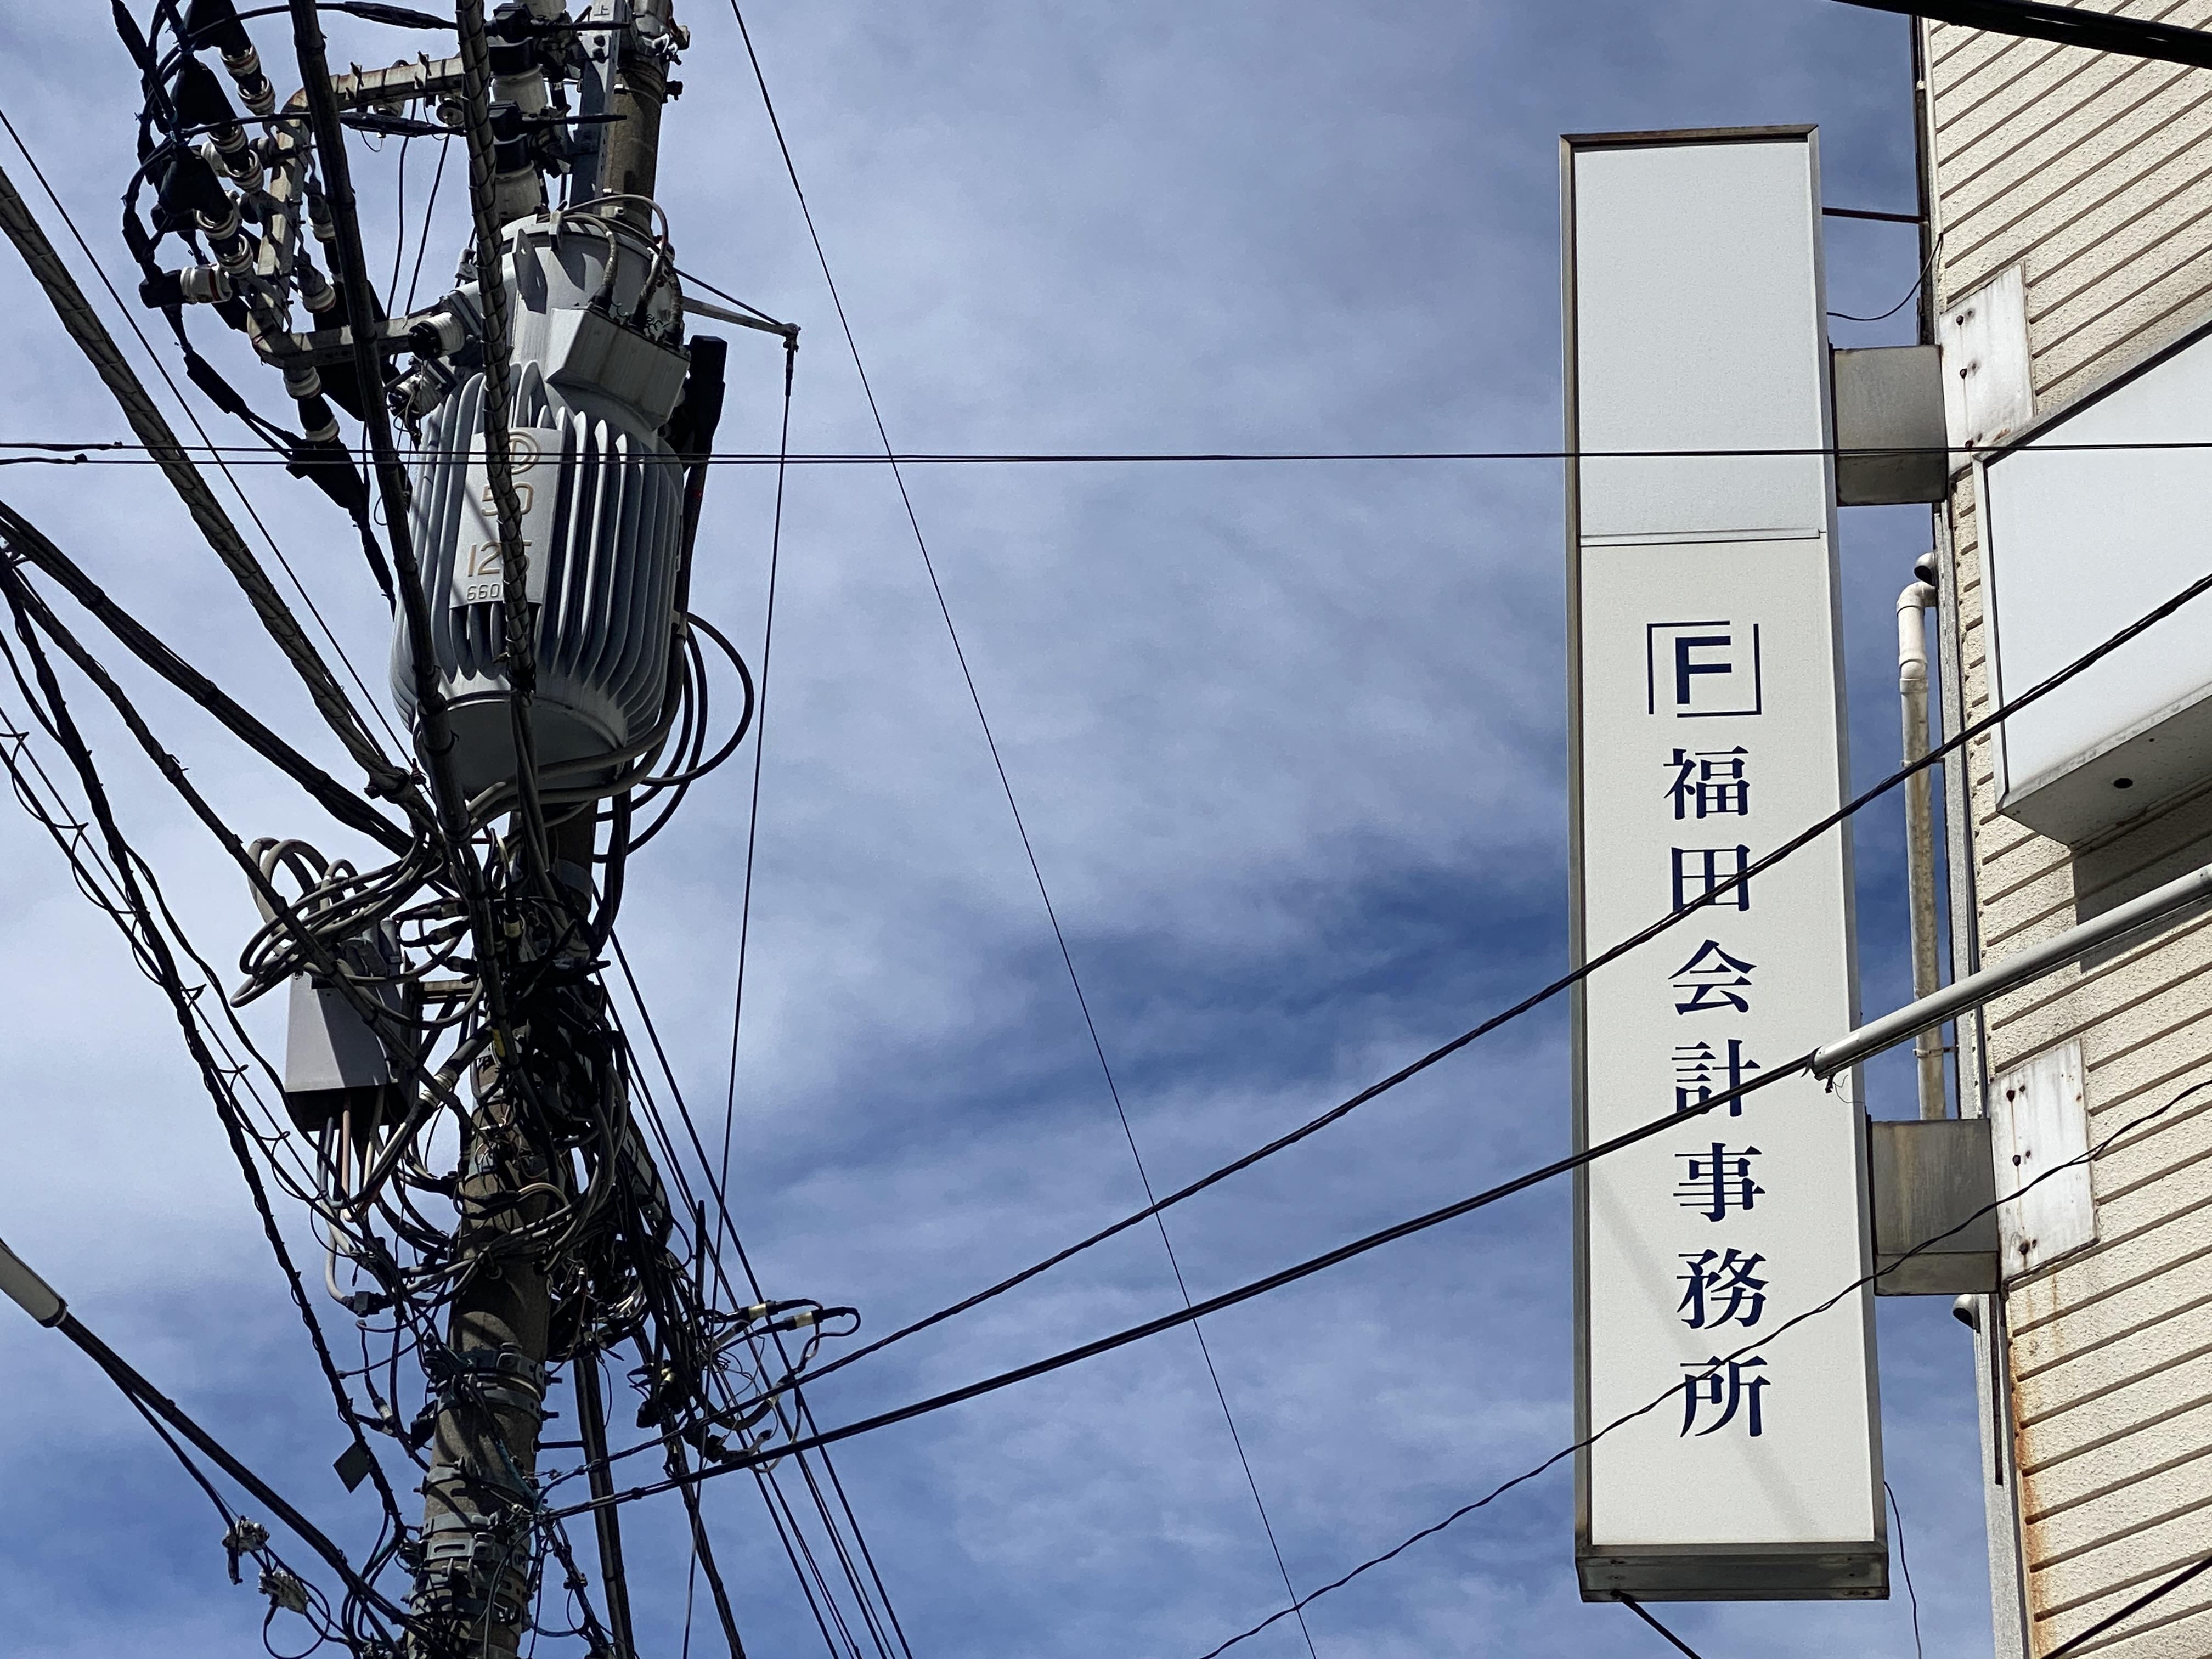 福田会計事務所